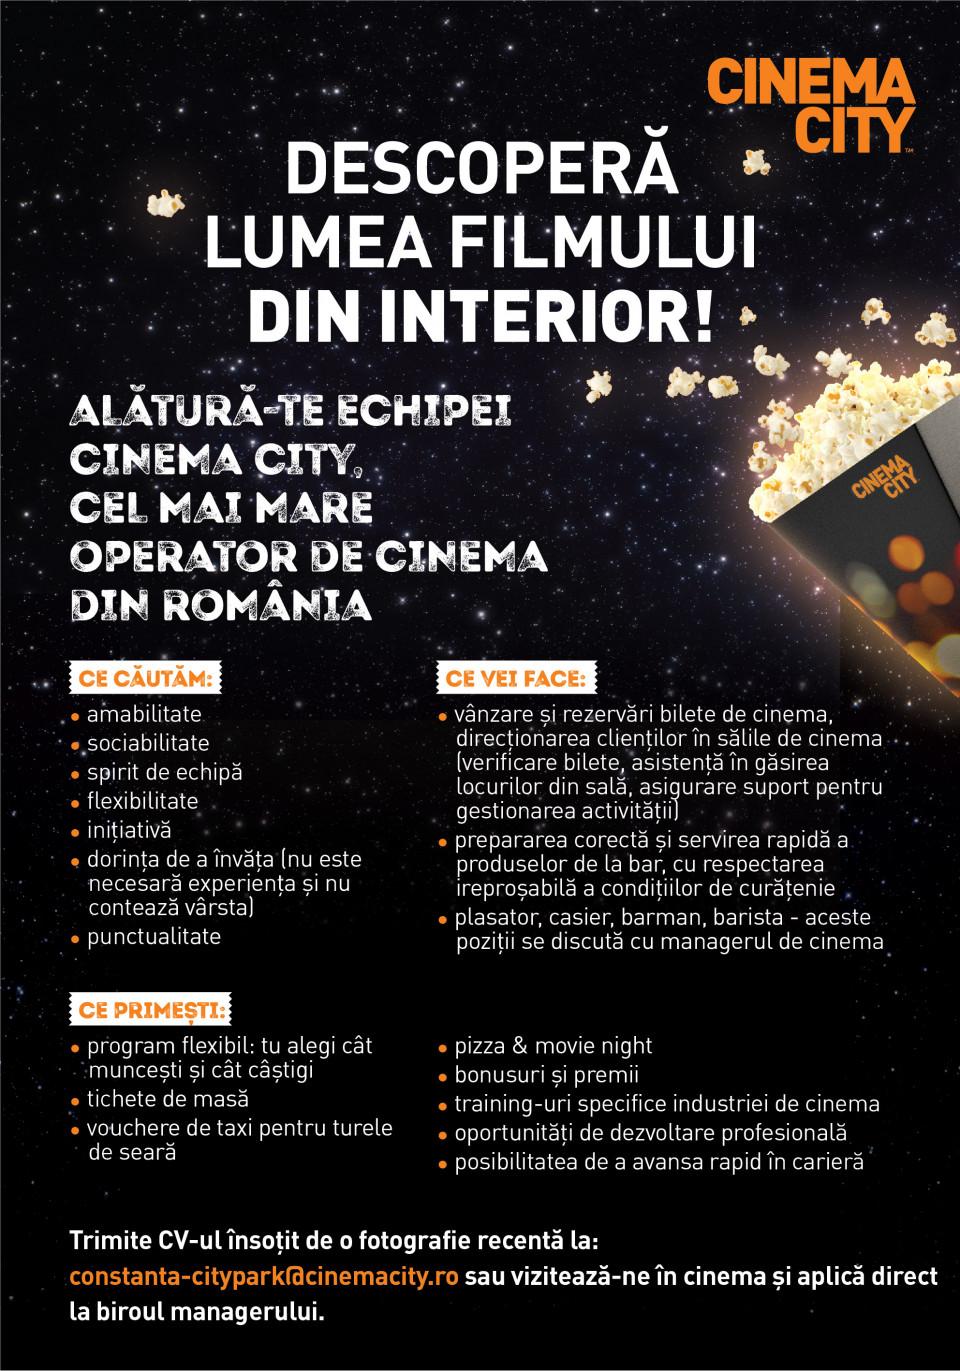 DESCOPERĂ LUMEA FILMULUI DIN INTERIOR!  Alătură-te echipei Cinema City, cel mai mare operator de cinema din România.  Cum ne dorim sa fie noul nostru coleg:  Cu atitudine pozitivă Dornic să învețe (nu este necesară experiența și nu contează vârsta) Punctual Cu bune abilități de comunicare și relaționare Amabil Să îi placă să lucreze în echipă Determinat Cu inițiativă Căutăm colegi care să descopere cu entuziasm lumea filmului din interior pentru următoarele roluri  Barman / Barista / Casier / Plasator  În funcție de rolul potrivit pentru tine, responsabilitățile generale ar putea fi:  - vânzarea de bilete și rezervări bilete de cinema, direcționarea clienților în cinema (verificare bilete, asistență în găsirea locurilor din sală, asigurare suport pentru gestionarea activității);  - preparea corectă și servirea rapidă a produselor de la bar sau cafenea, cu respectarea ireproșabilă a condițiilor de curățenie;  - întâmpinarea clienților și oferirea informațiilor corecte despre produsele noastre;  Barman / Barista / Casier / Plasator – aceste poziții se discută în cadrul interviului.  Ce îți garantăm:  - Program flexibil (tu alegi cât muncești și cât câștigi) - Tichete de masa - Pizza & Movie night - Bonusuri și premii - Training-uri specifice industriei de cinema - Vouchere de taxi pentru turele de seară - Oportunități de dezvoltare profesională - Posibilitatea de a avansa rapid în carieră  Punem accent pe dezvoltarea oamenilor și ne dorim ca fiecare coleg să fie foarte bine pregătit profesional existând șanse de promovare. Dezvoltă și tu o carieră în industria de cinema!  Trimite CV-ul insotit de o fotografie recenta la: constanta-citypark@cinemacity.ro sau viziteaza-ne in cinema si aplica direct la biroul managerului.  Te așteptăm cu drag! Descoperă lumea filmului din interior!Alătură-te echipei Cinema City, cel mai mare operator de cinema din România, parte din Cineworld, al doilea mare lanț de cinematografe din lume!Ne dorim să fim cel mai bun loc unde se vizioneaz